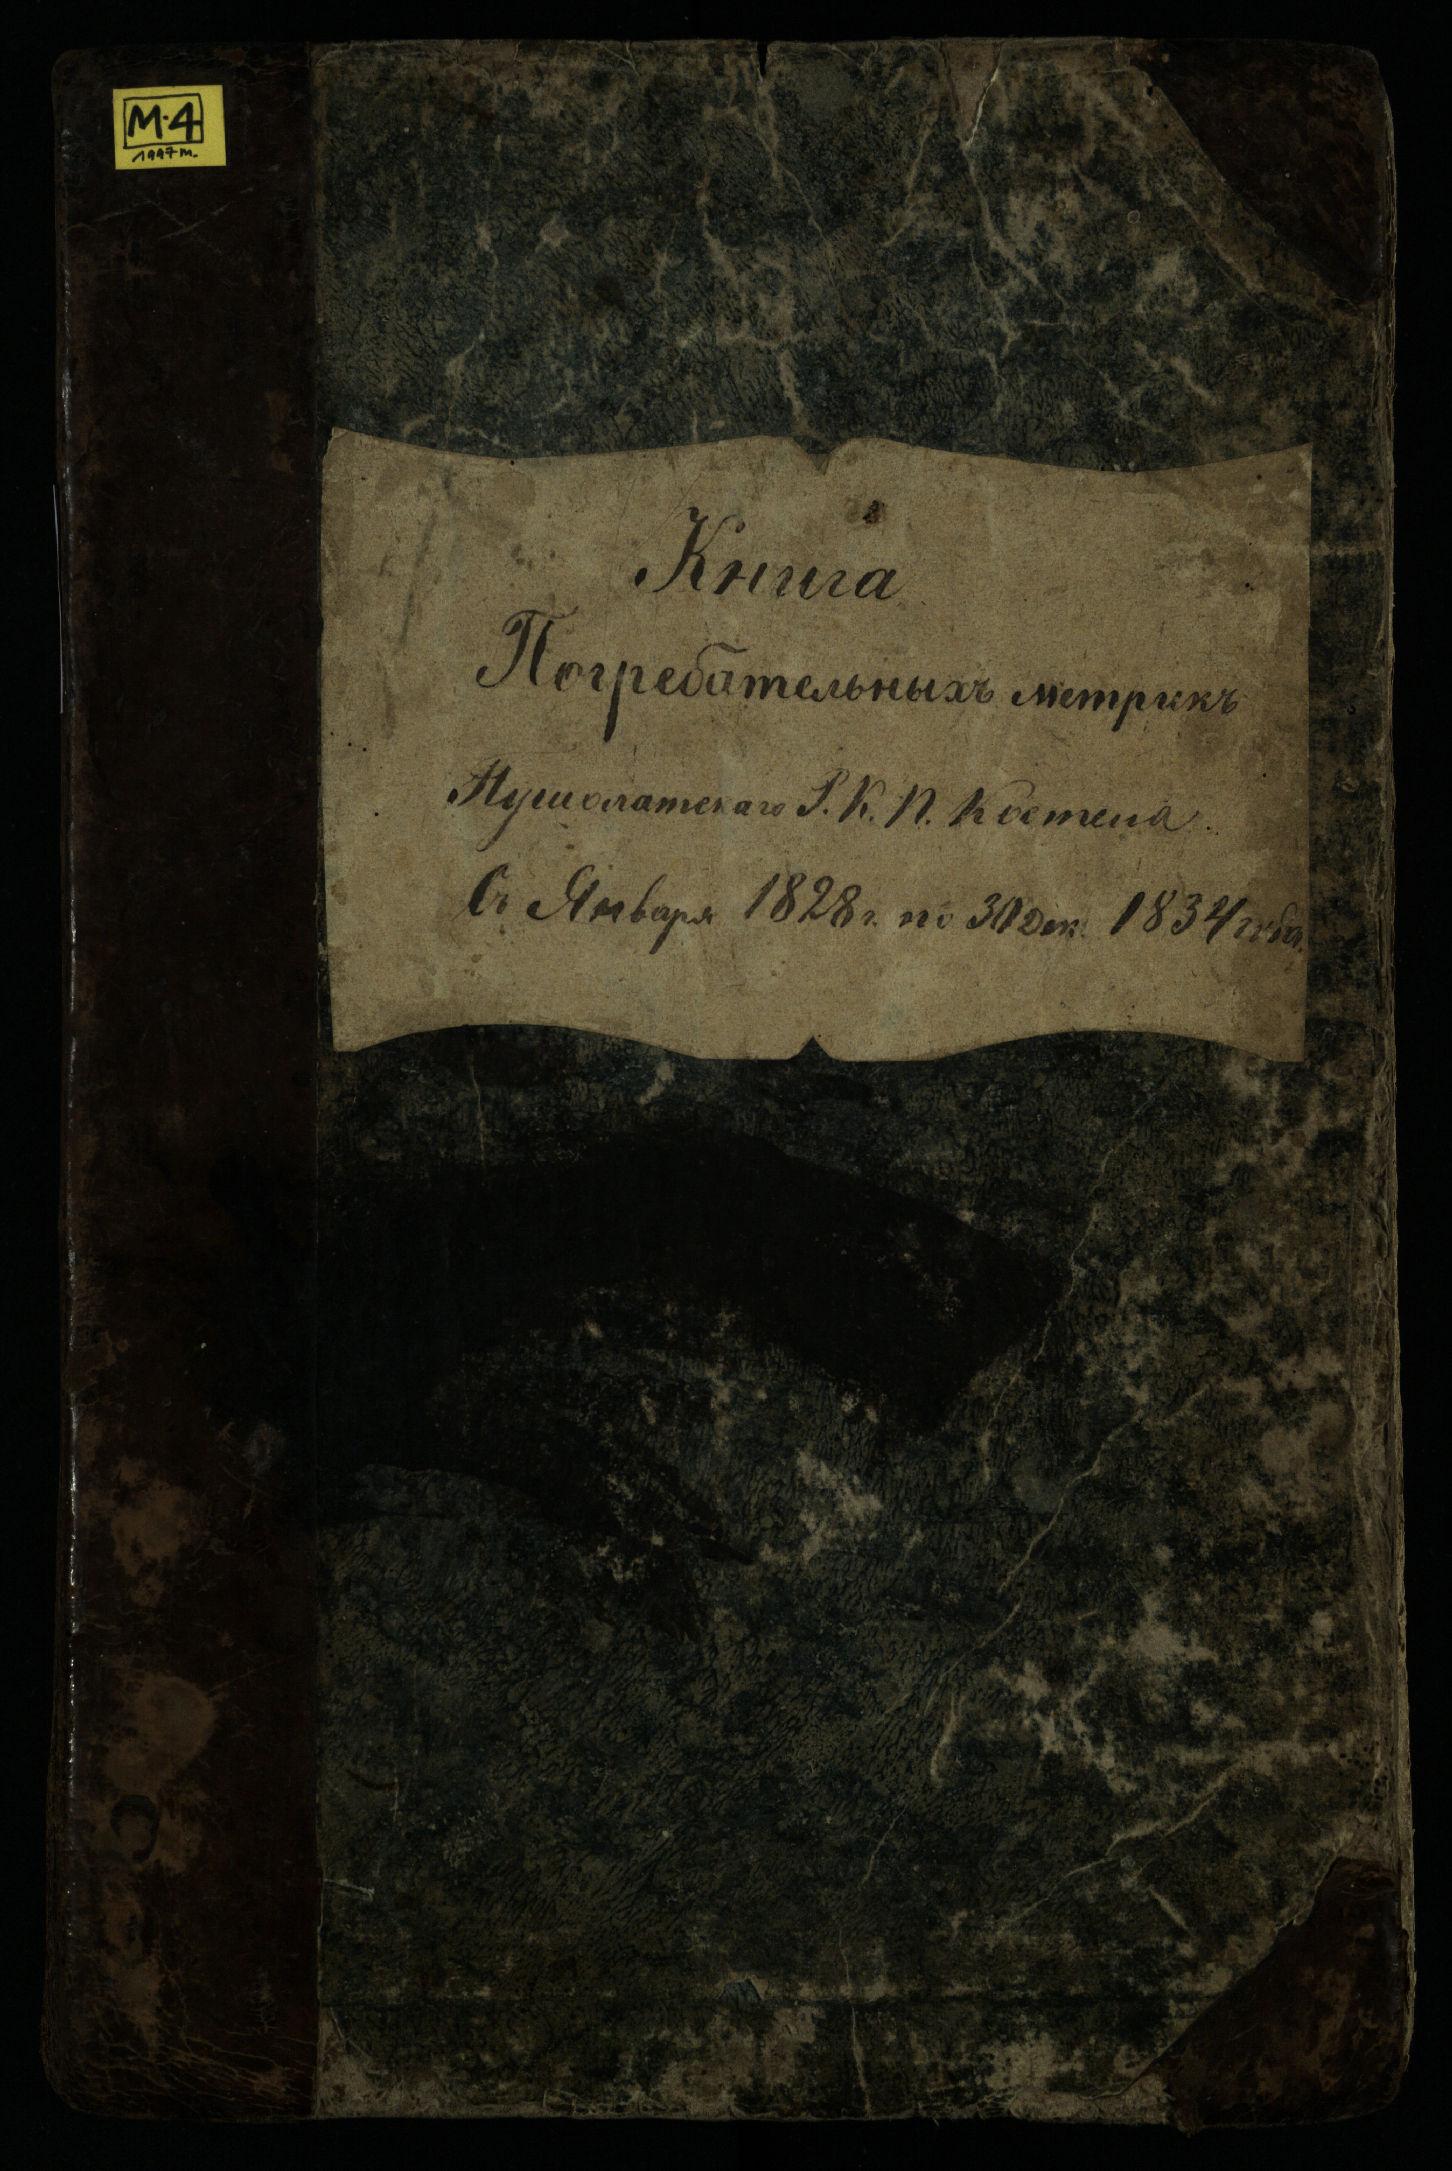 Pušaloto Romos katalikų parapijos bažnyčios 1828–1834 metų mirties metrikų knyga